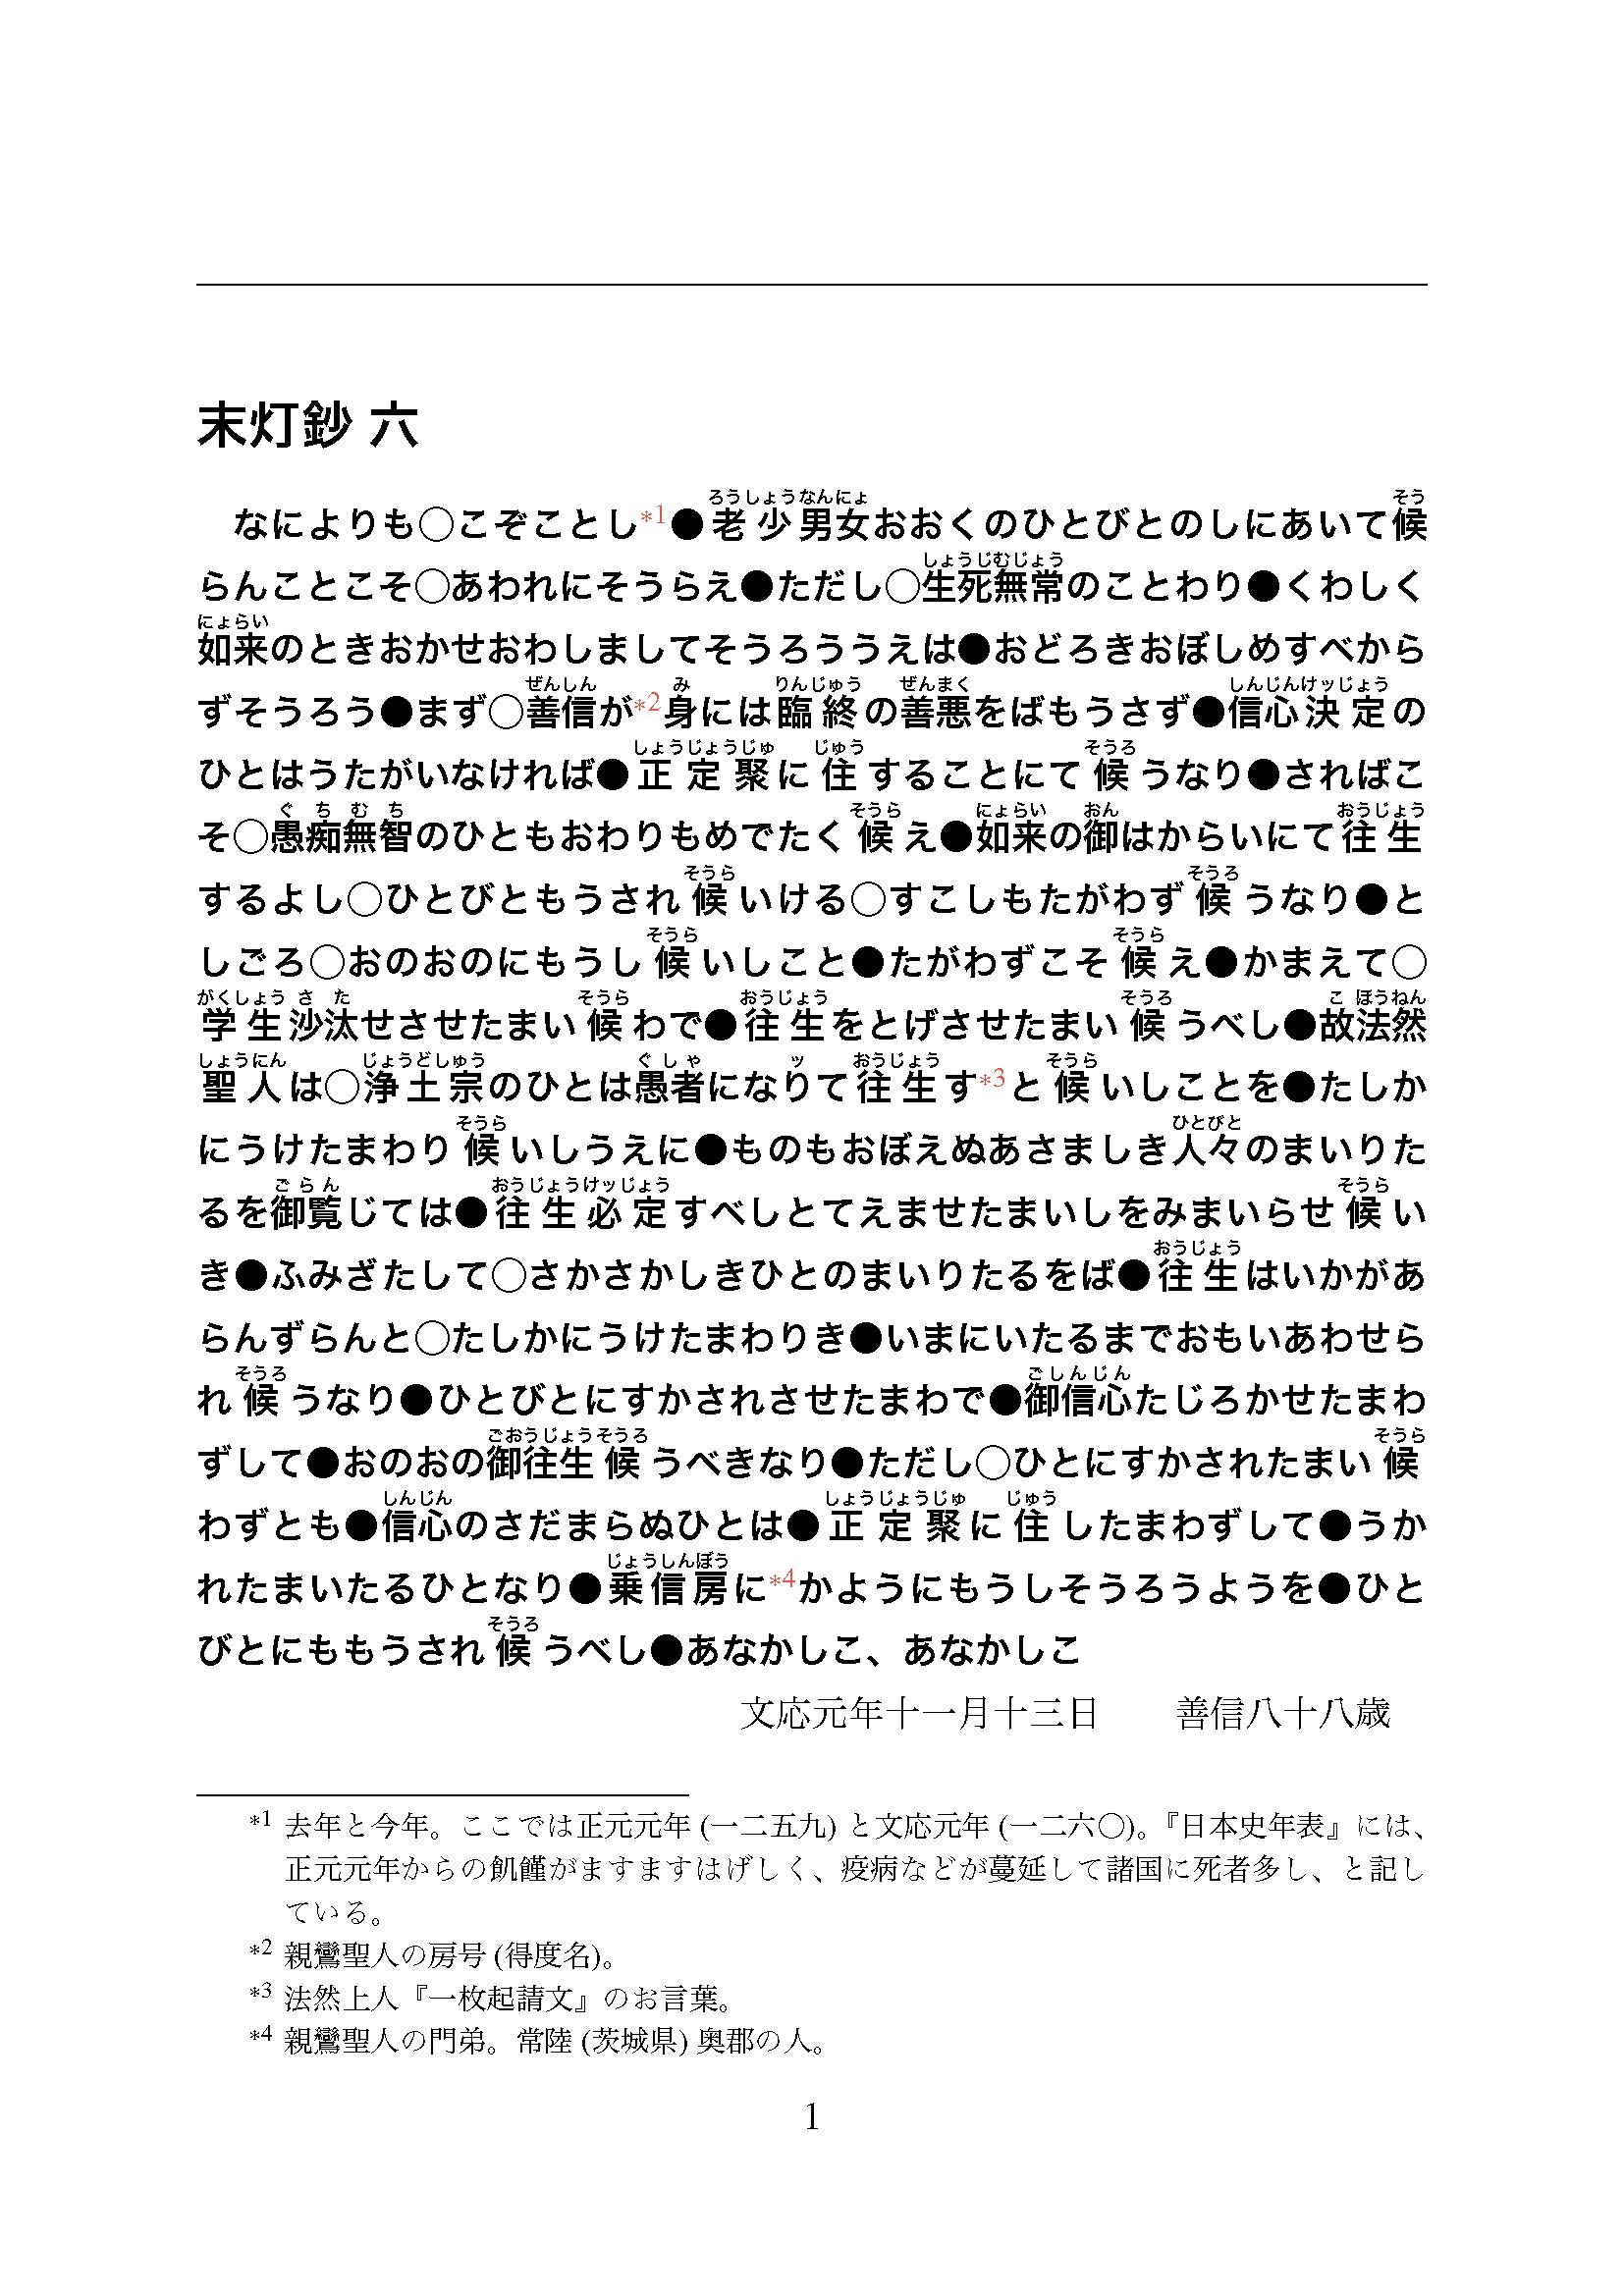 kozo_kotoshi_01.png